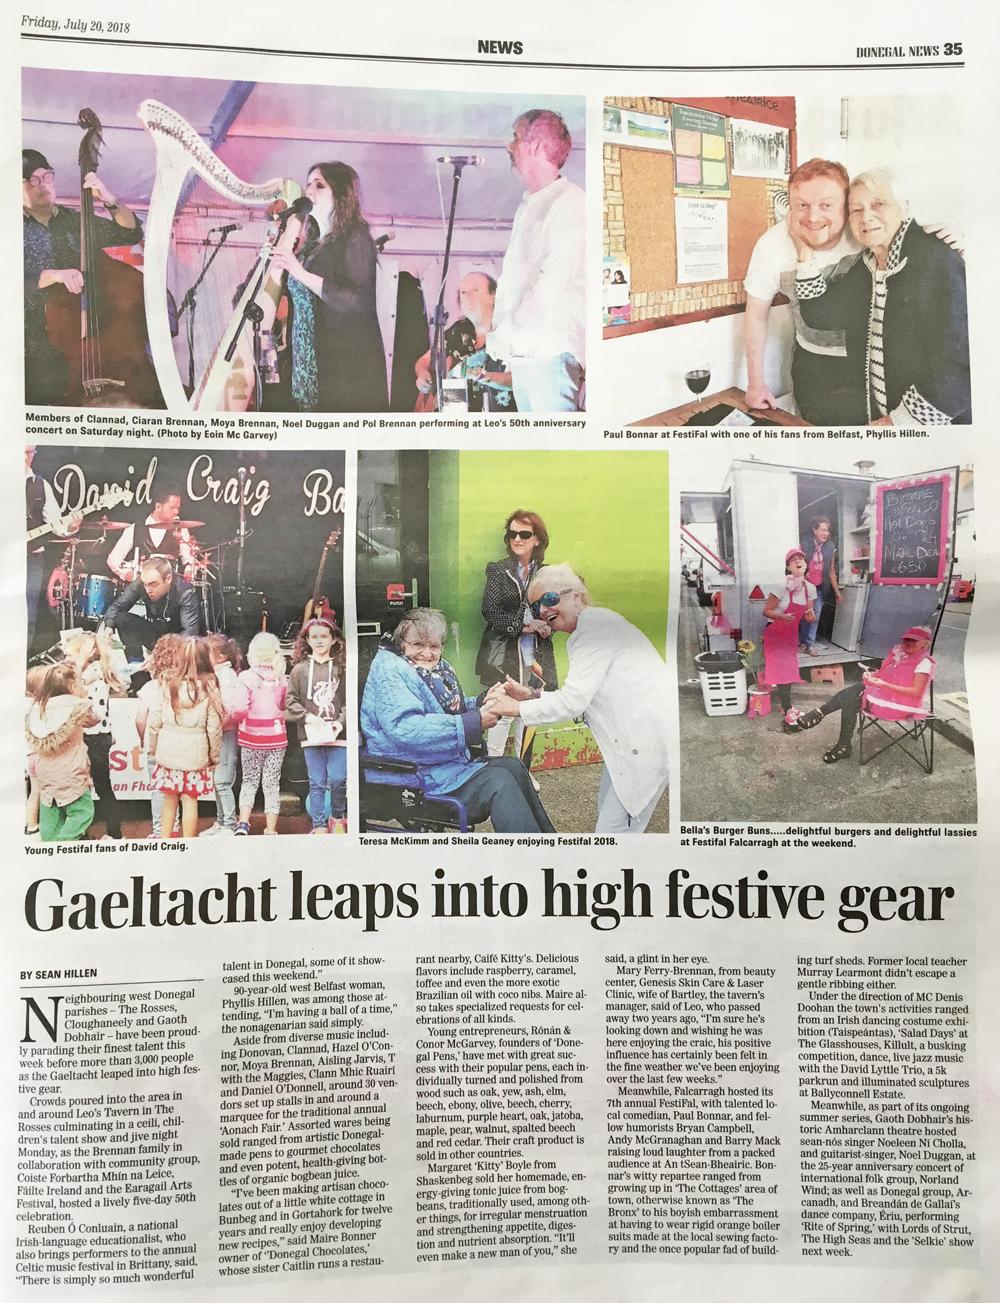 Sean Hillen Donegal gaeltacht, donegal gaeltacht,